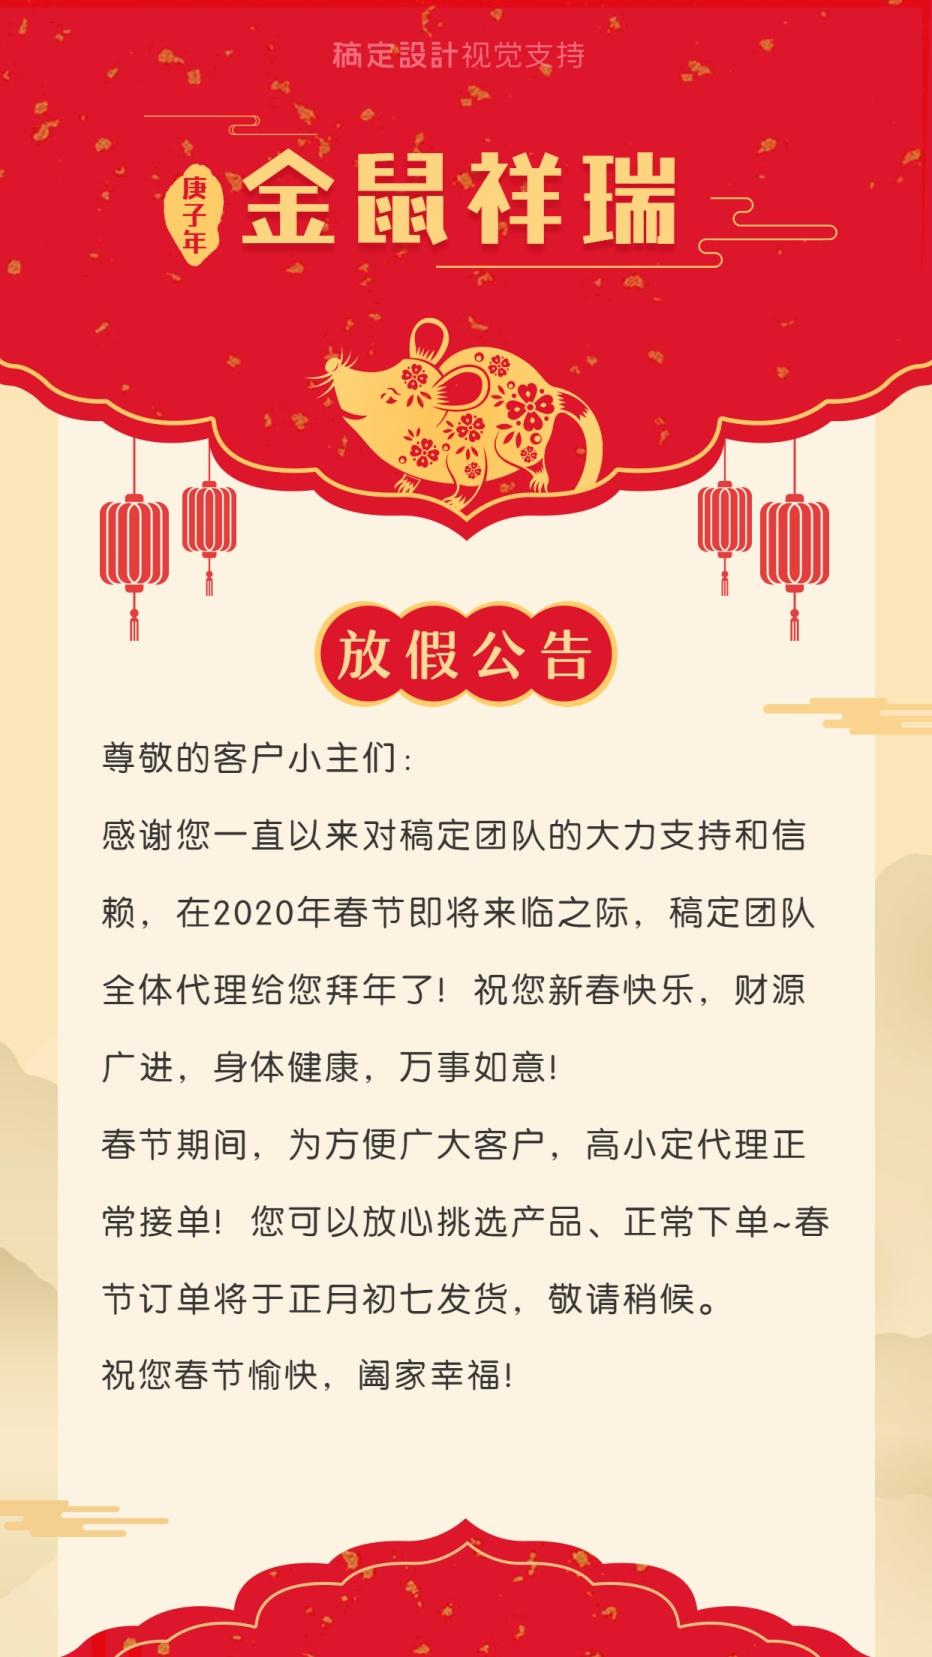 春节不打烊-放假公告